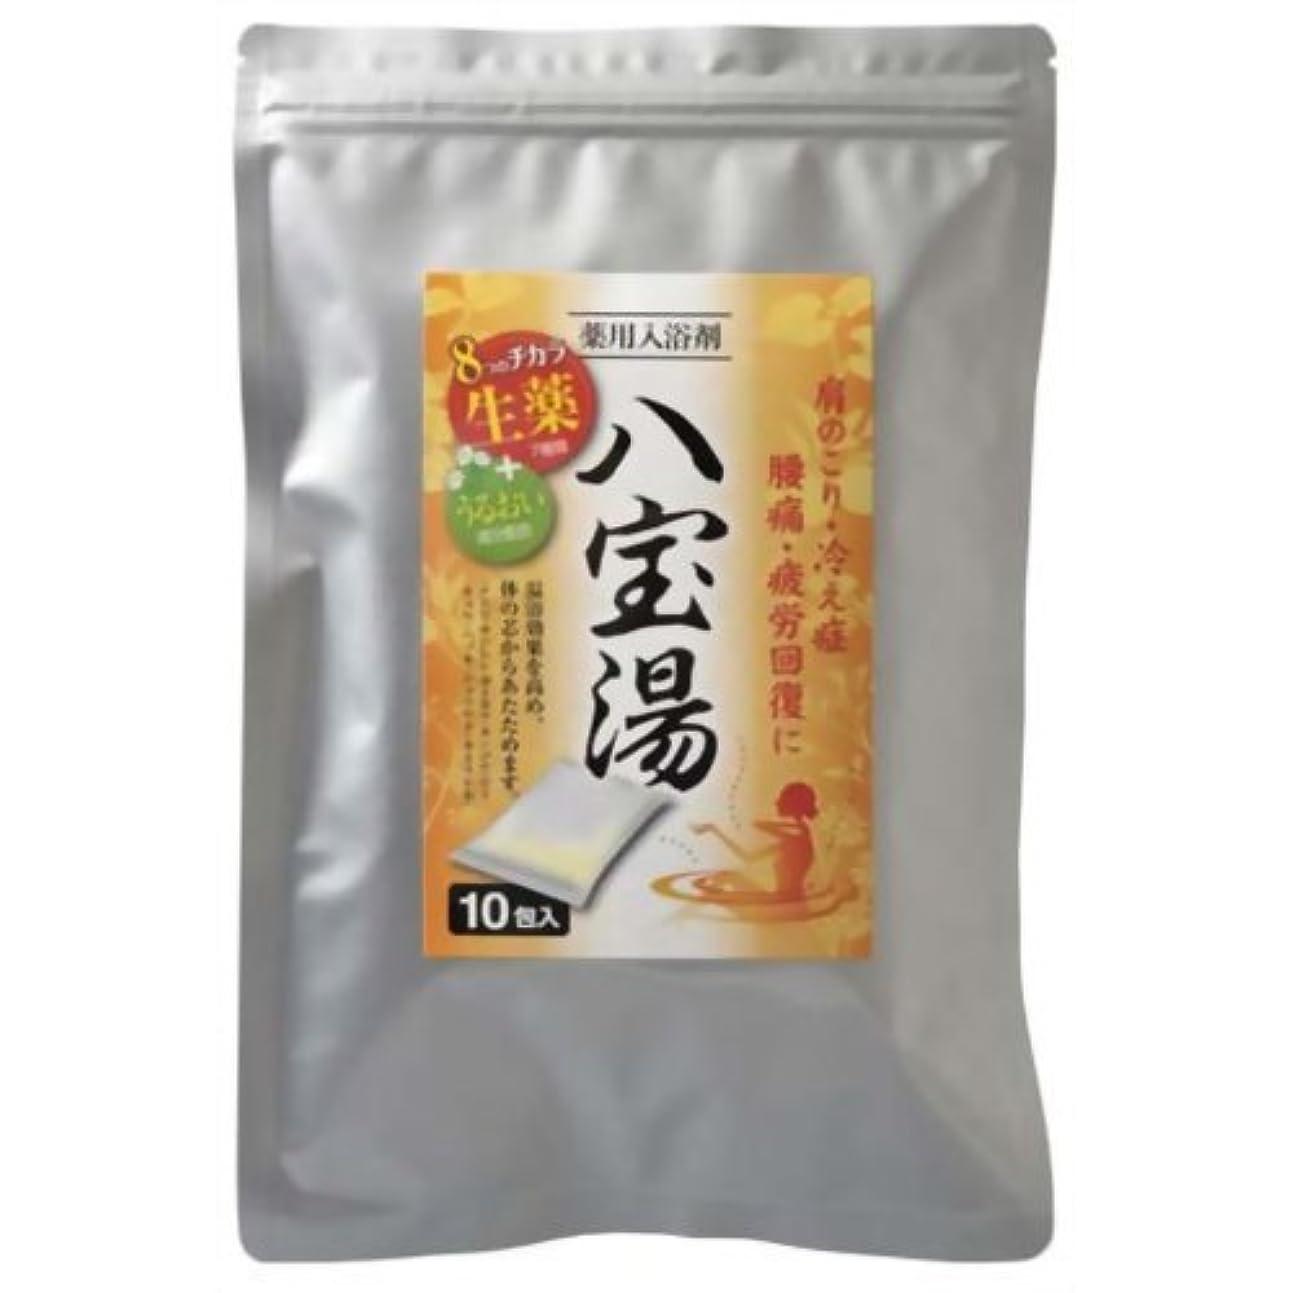 露骨なボンド監査薬用入浴剤 八宝湯 カモミールの香り 10包 [医薬部外品]